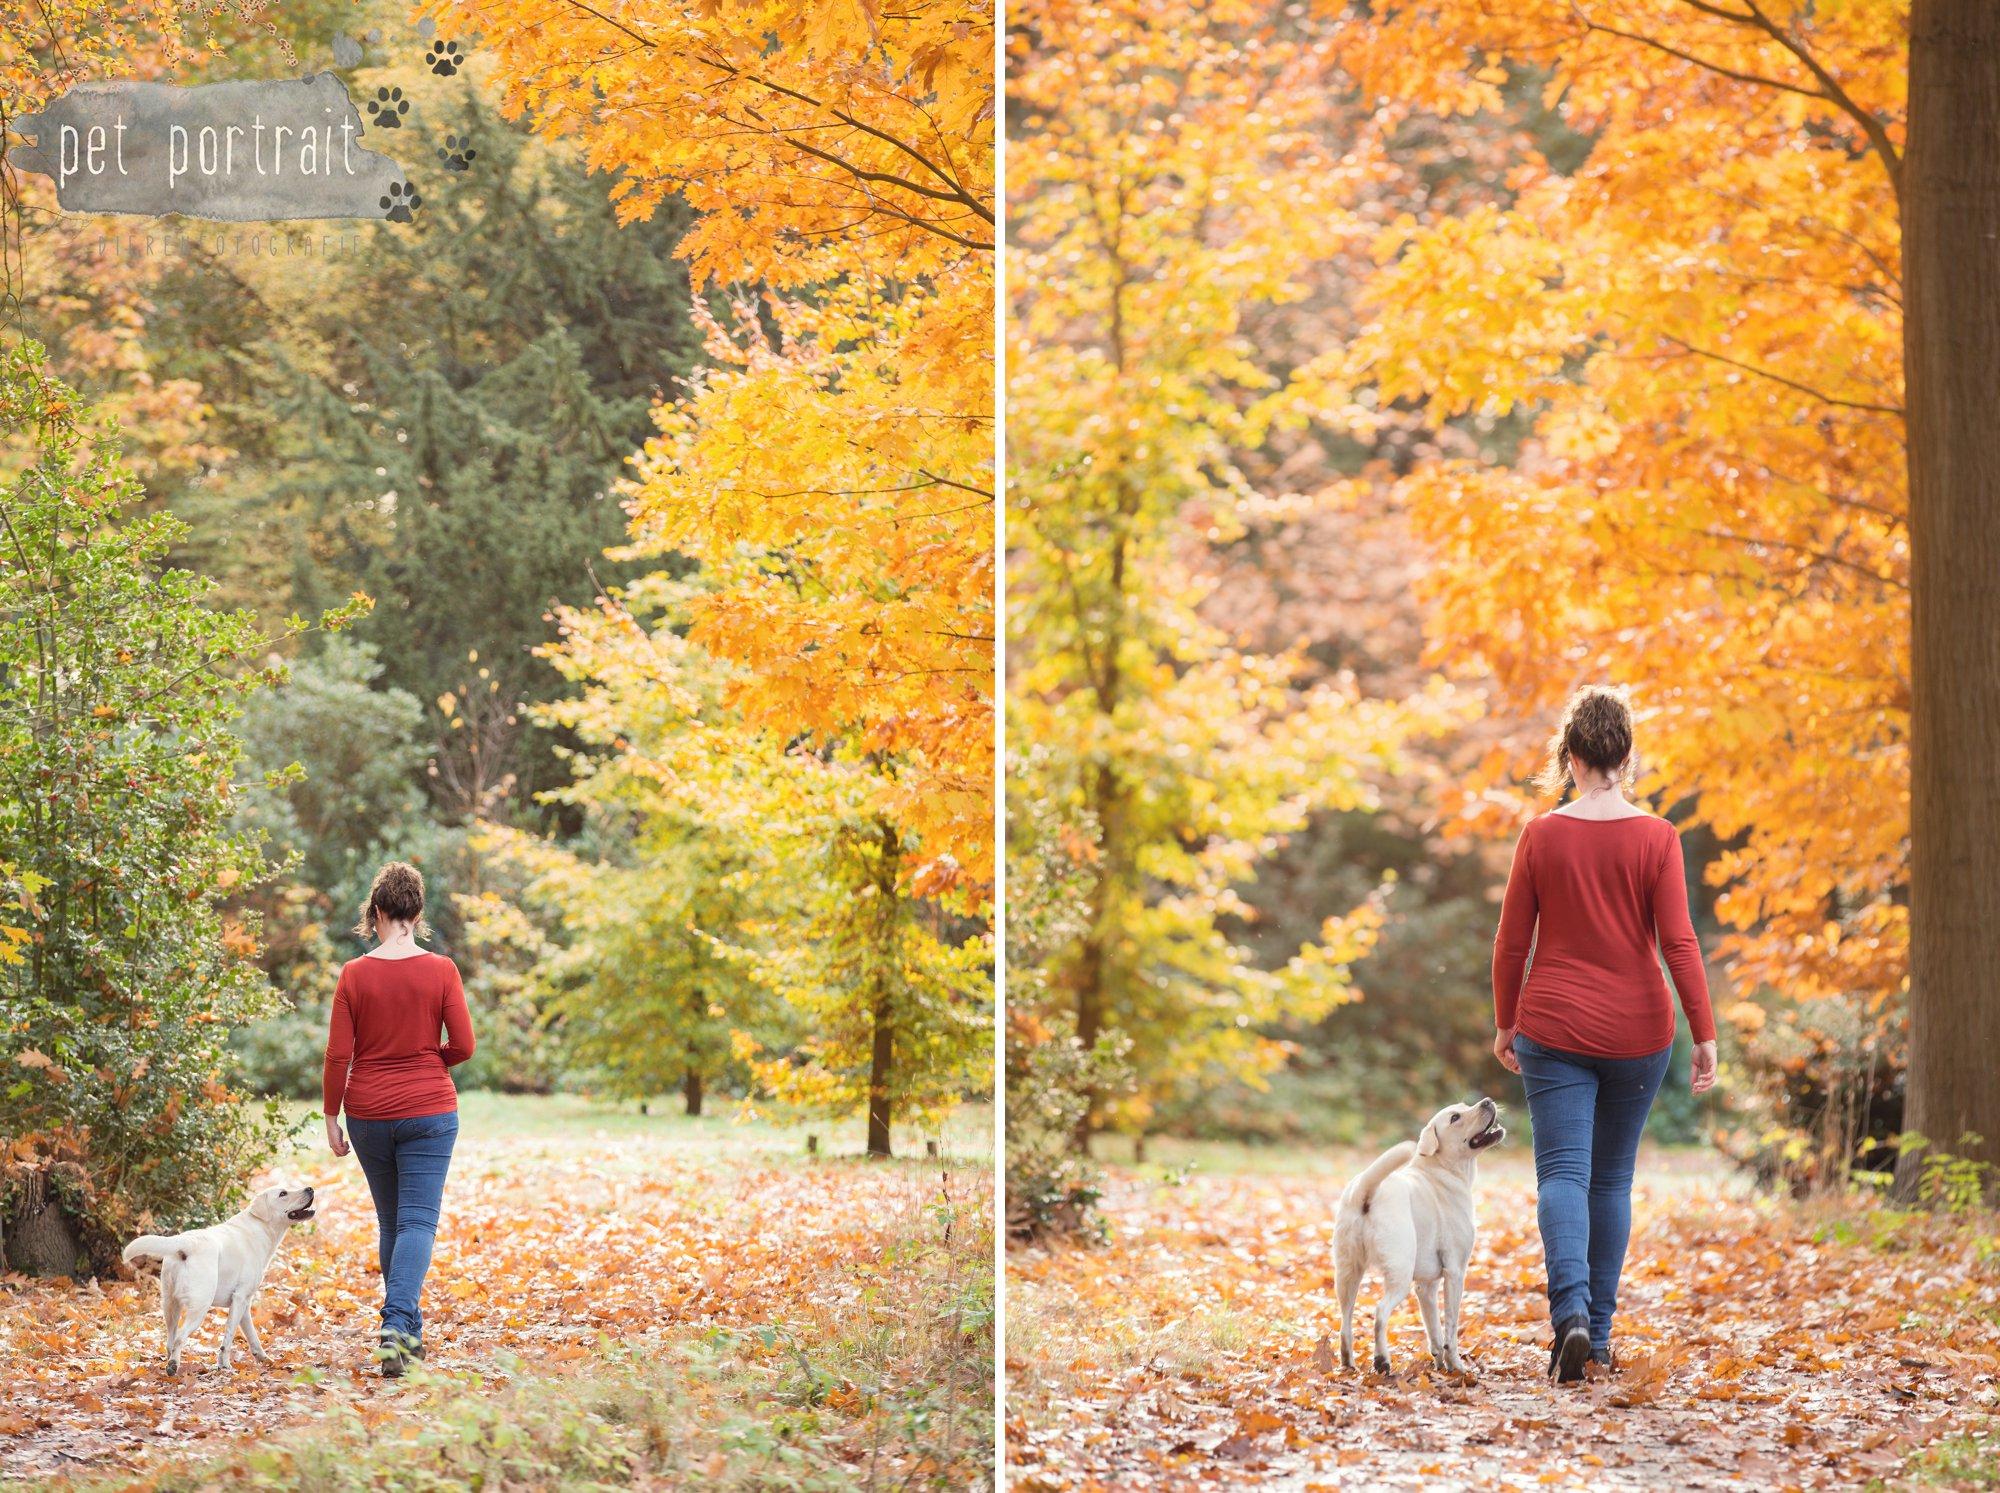 hondenfotograaf-s-graveland-beloved-dier-en-baasje-fotoshoot-labrador-juul-11